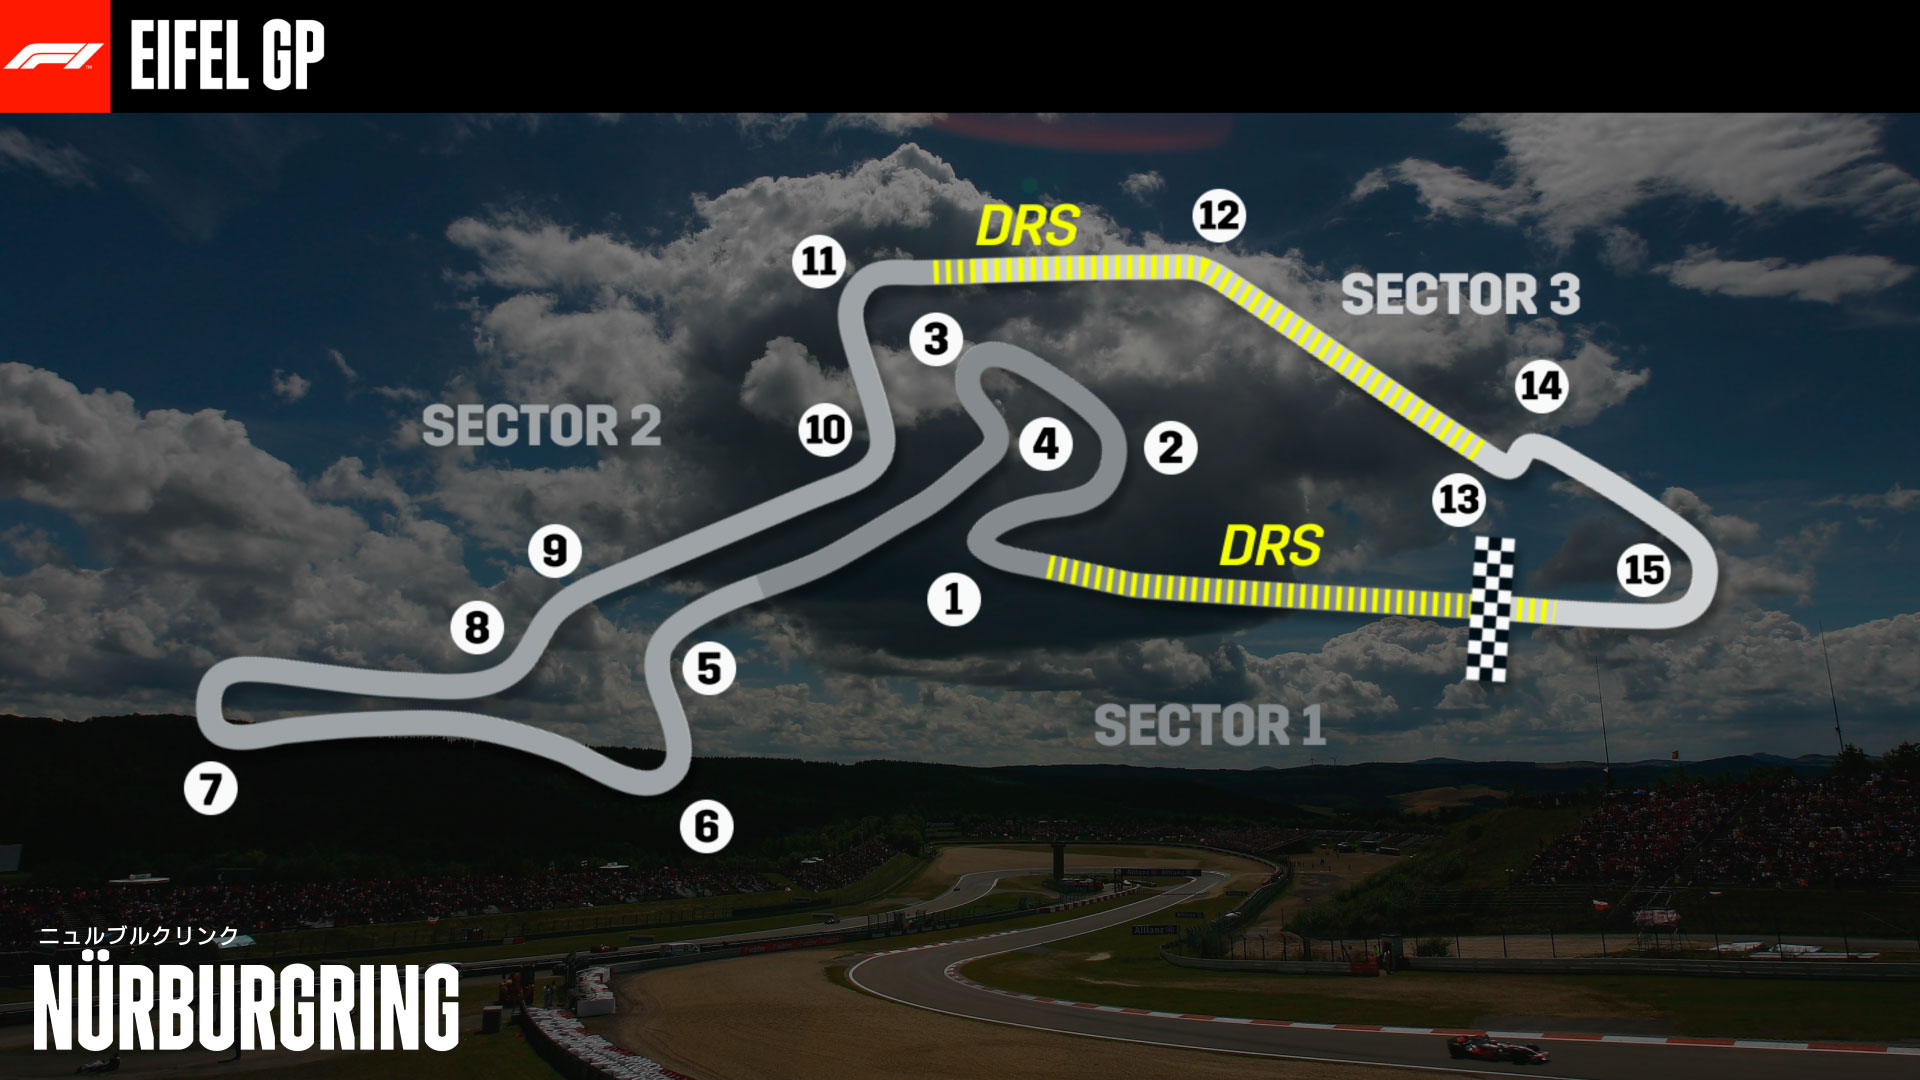 2020-08-23 Formula 1 F1 Nurburgring